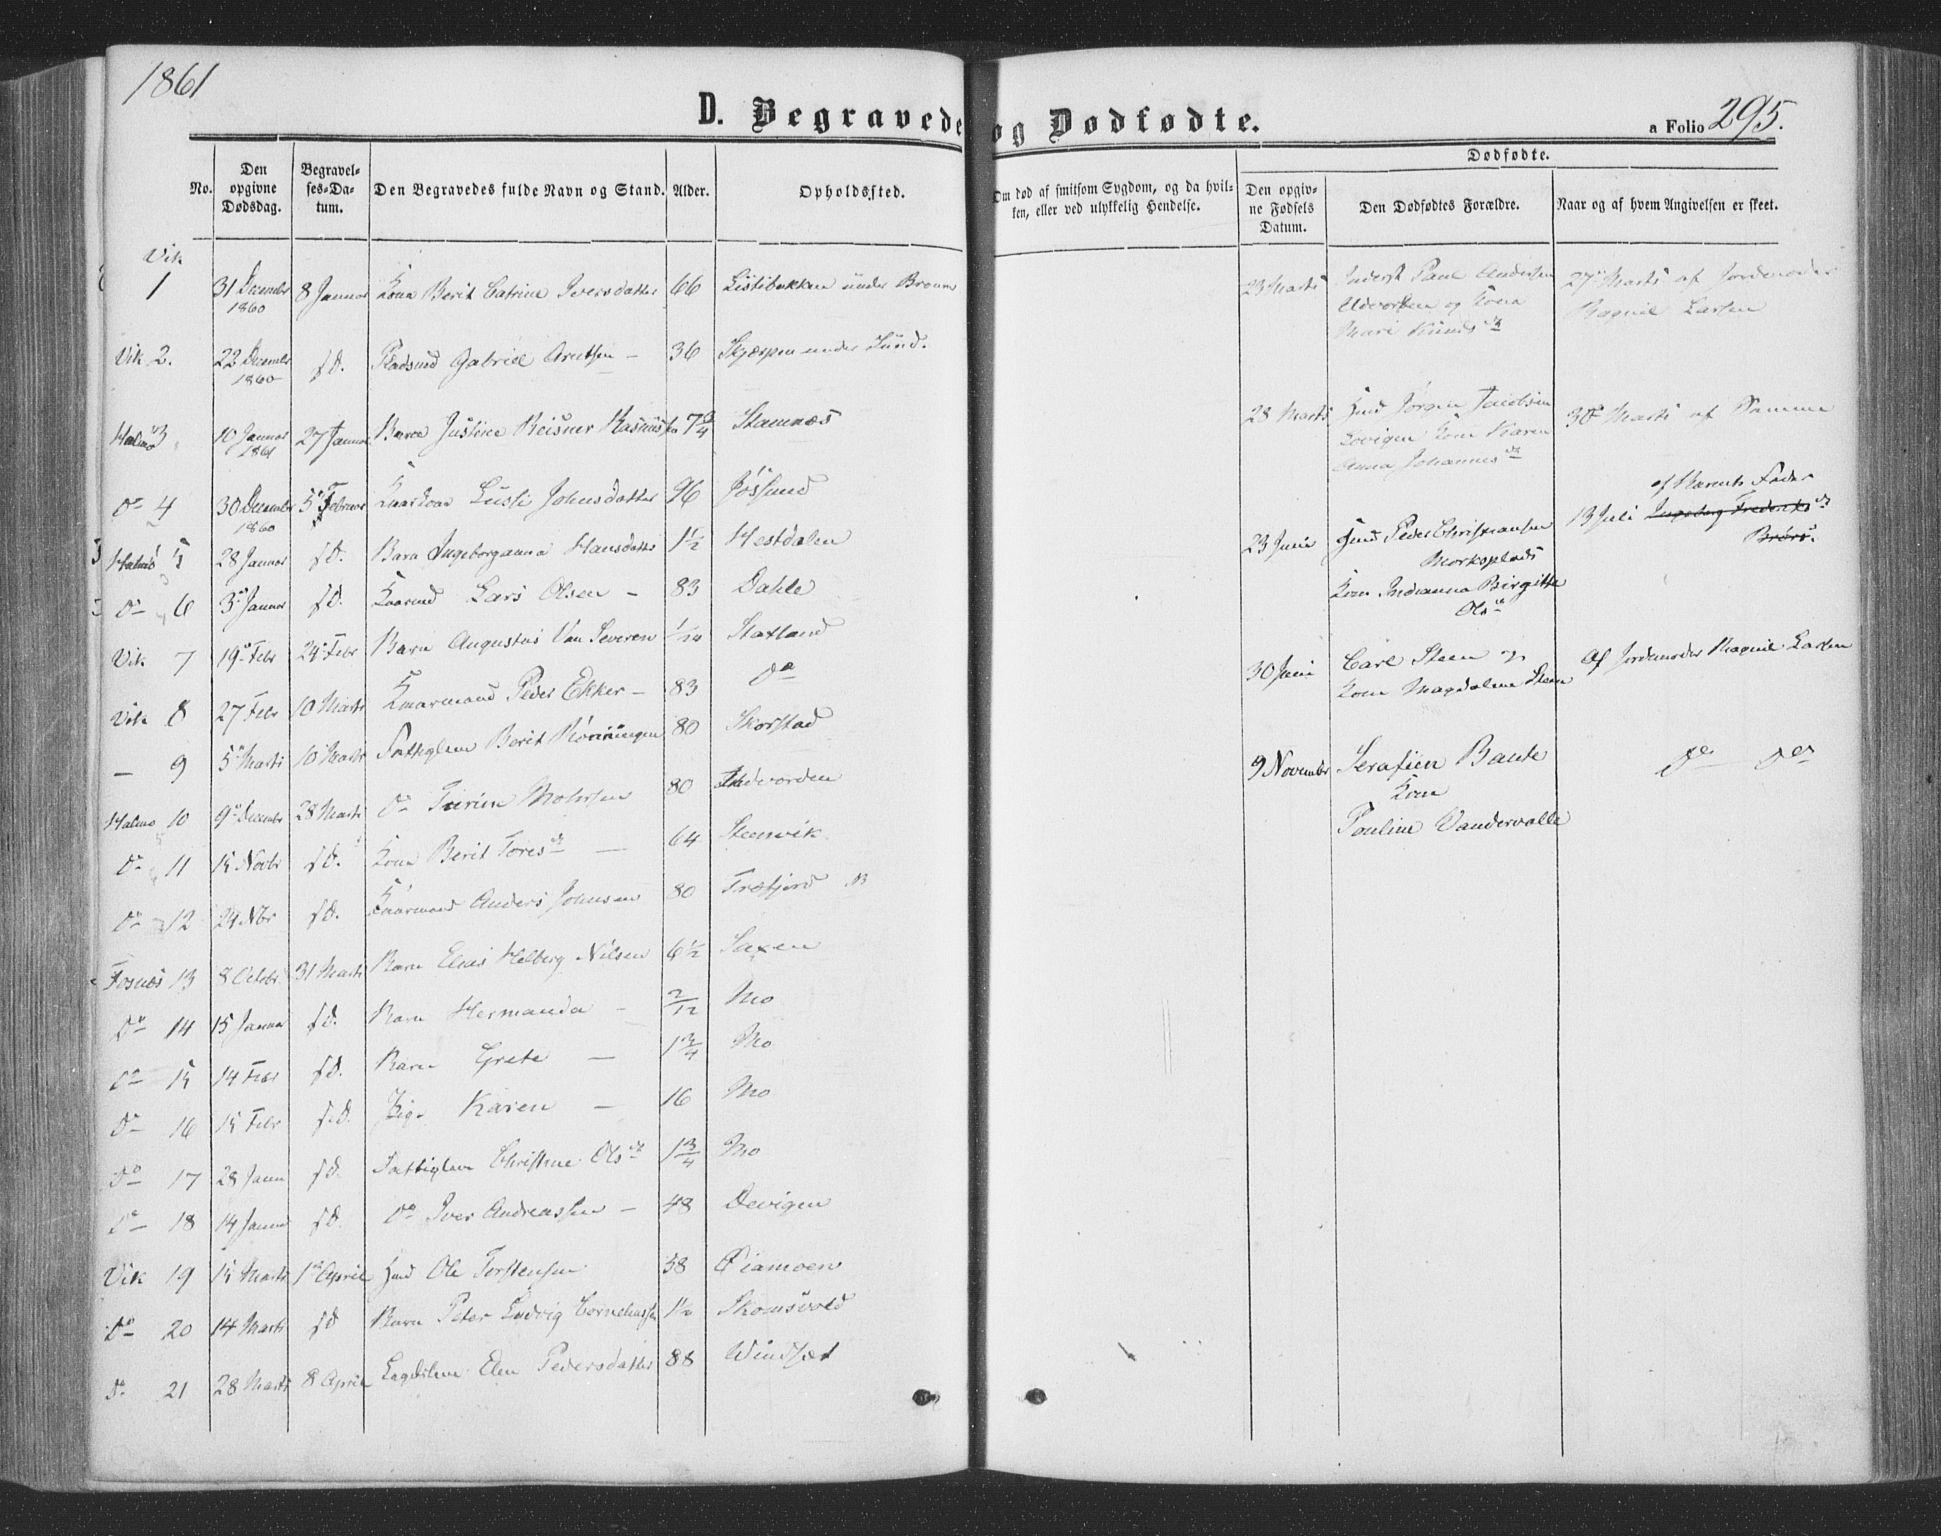 SAT, Ministerialprotokoller, klokkerbøker og fødselsregistre - Nord-Trøndelag, 773/L0615: Ministerialbok nr. 773A06, 1857-1870, s. 295